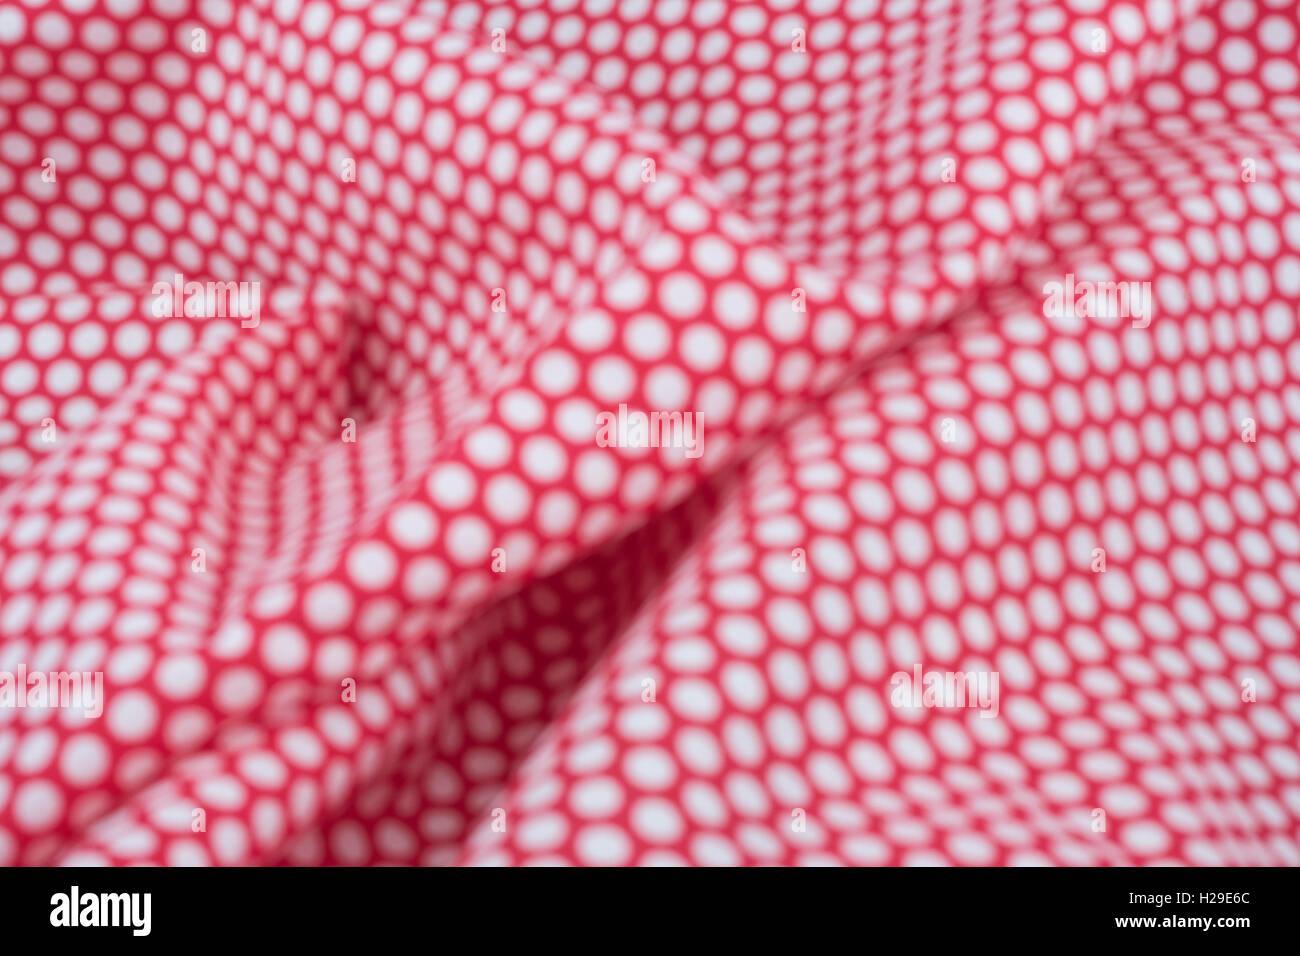 Abstract fuori fuoco rosso-bianco polka dot materiale. Concetto di 'International Dot giorno' e forse una personalità Foto Stock